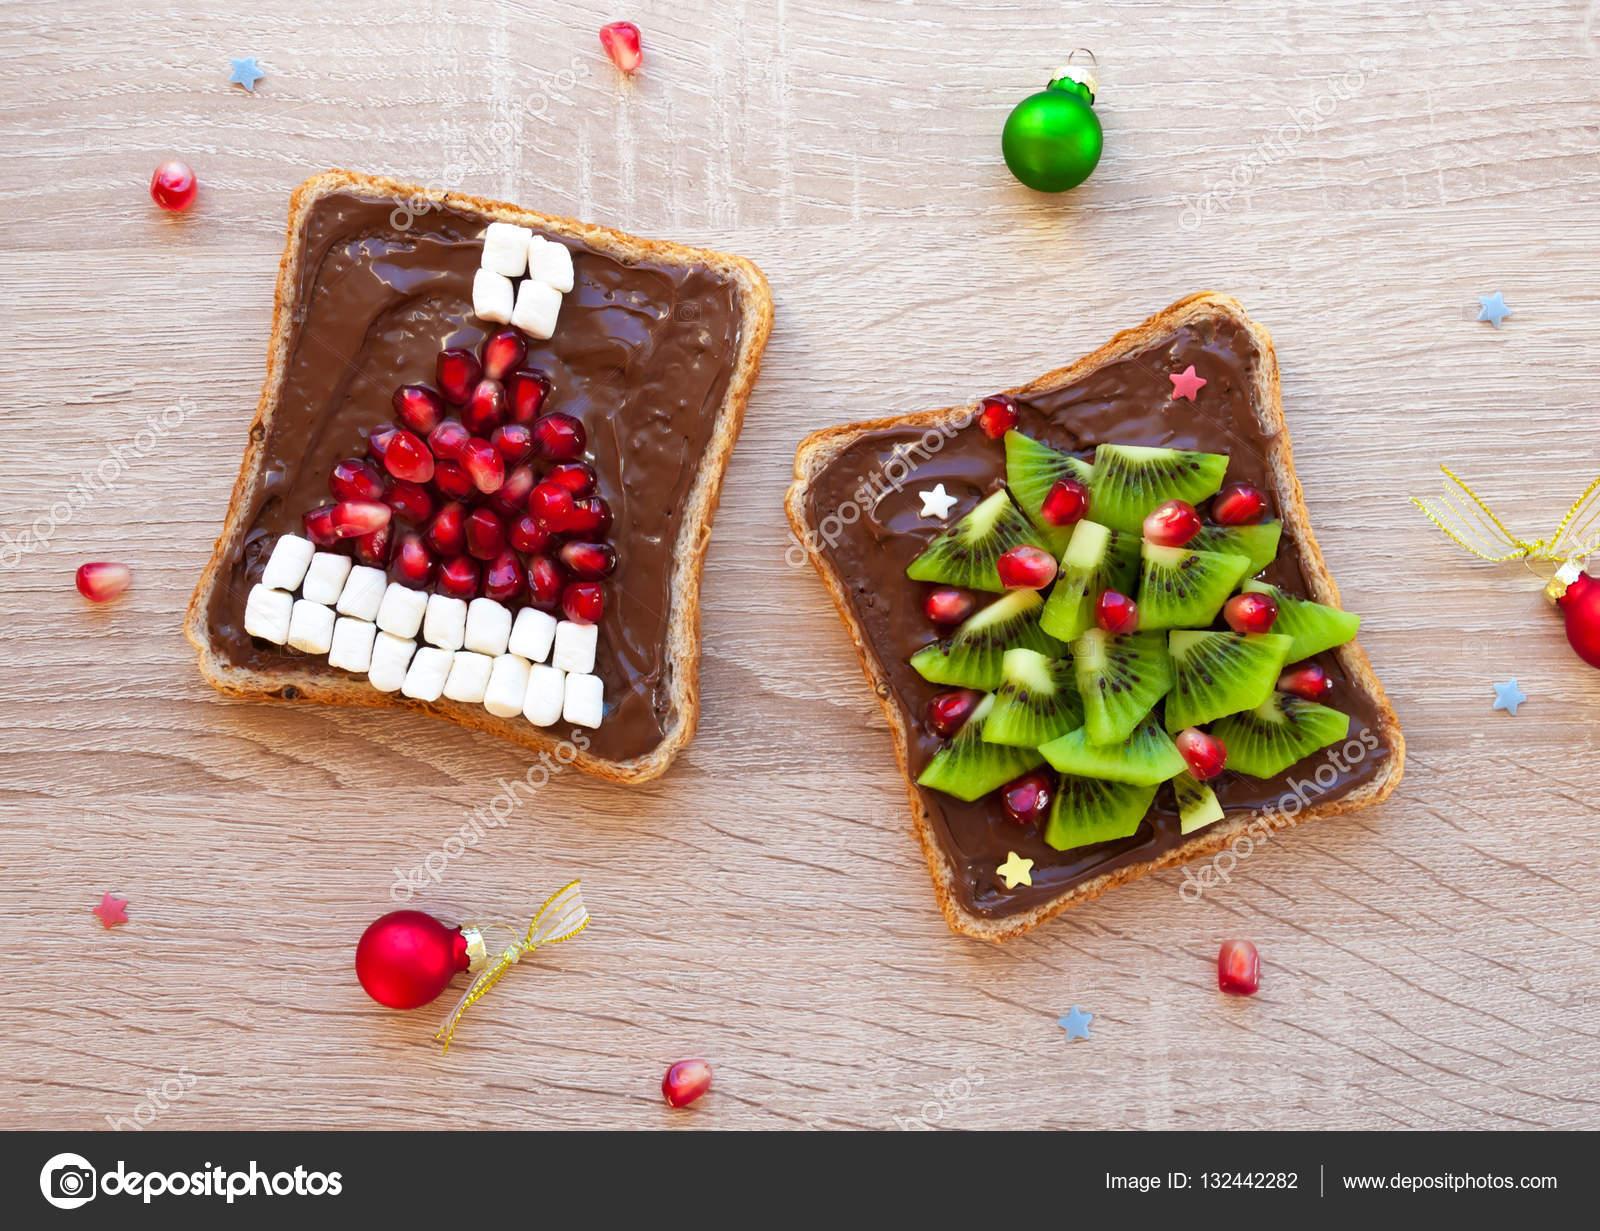 Weihnachten gesundes fr hst ck oder dessert idee f r for Weihnachten idee